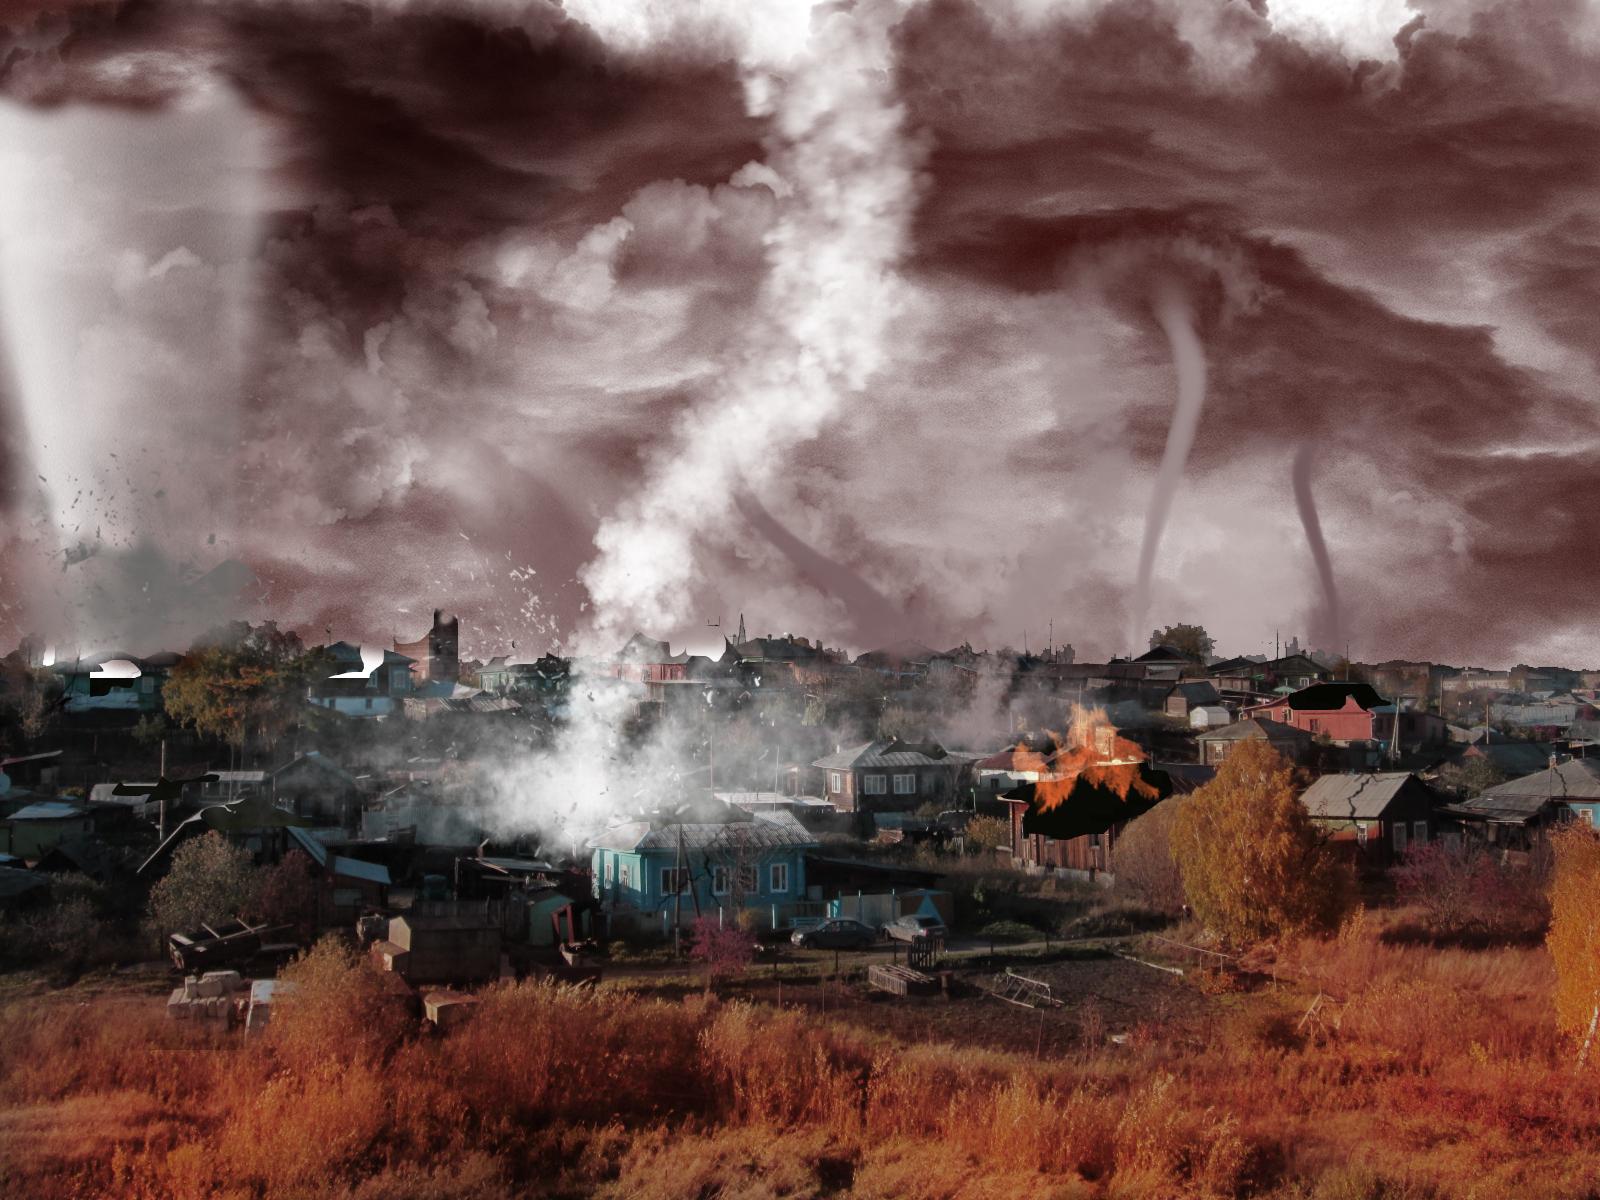 деревня торнадо